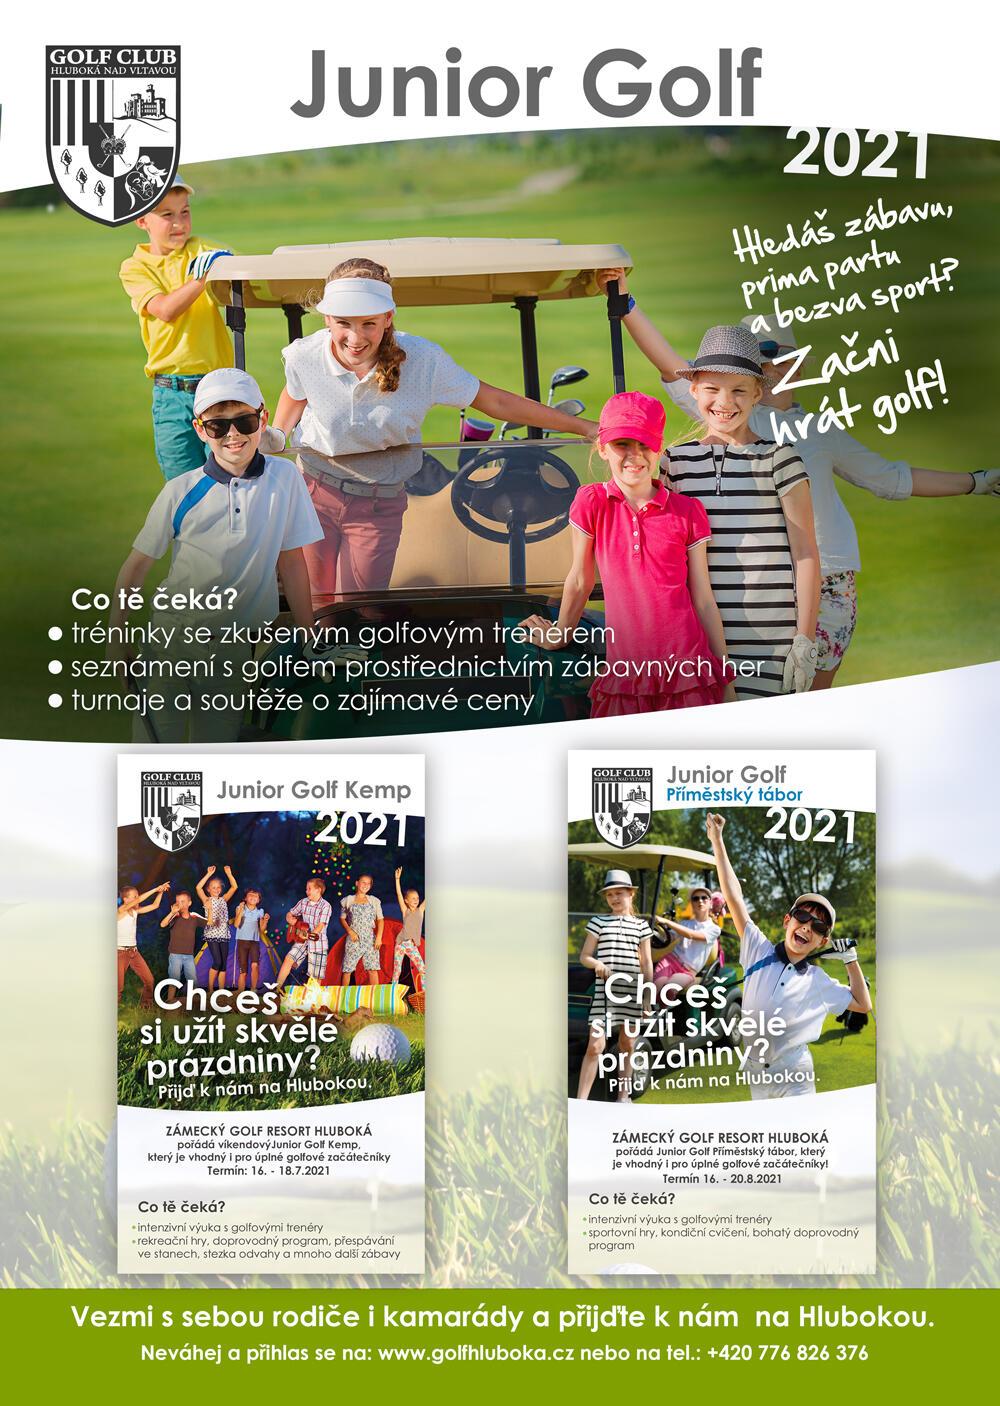 Junior Golf Komplet